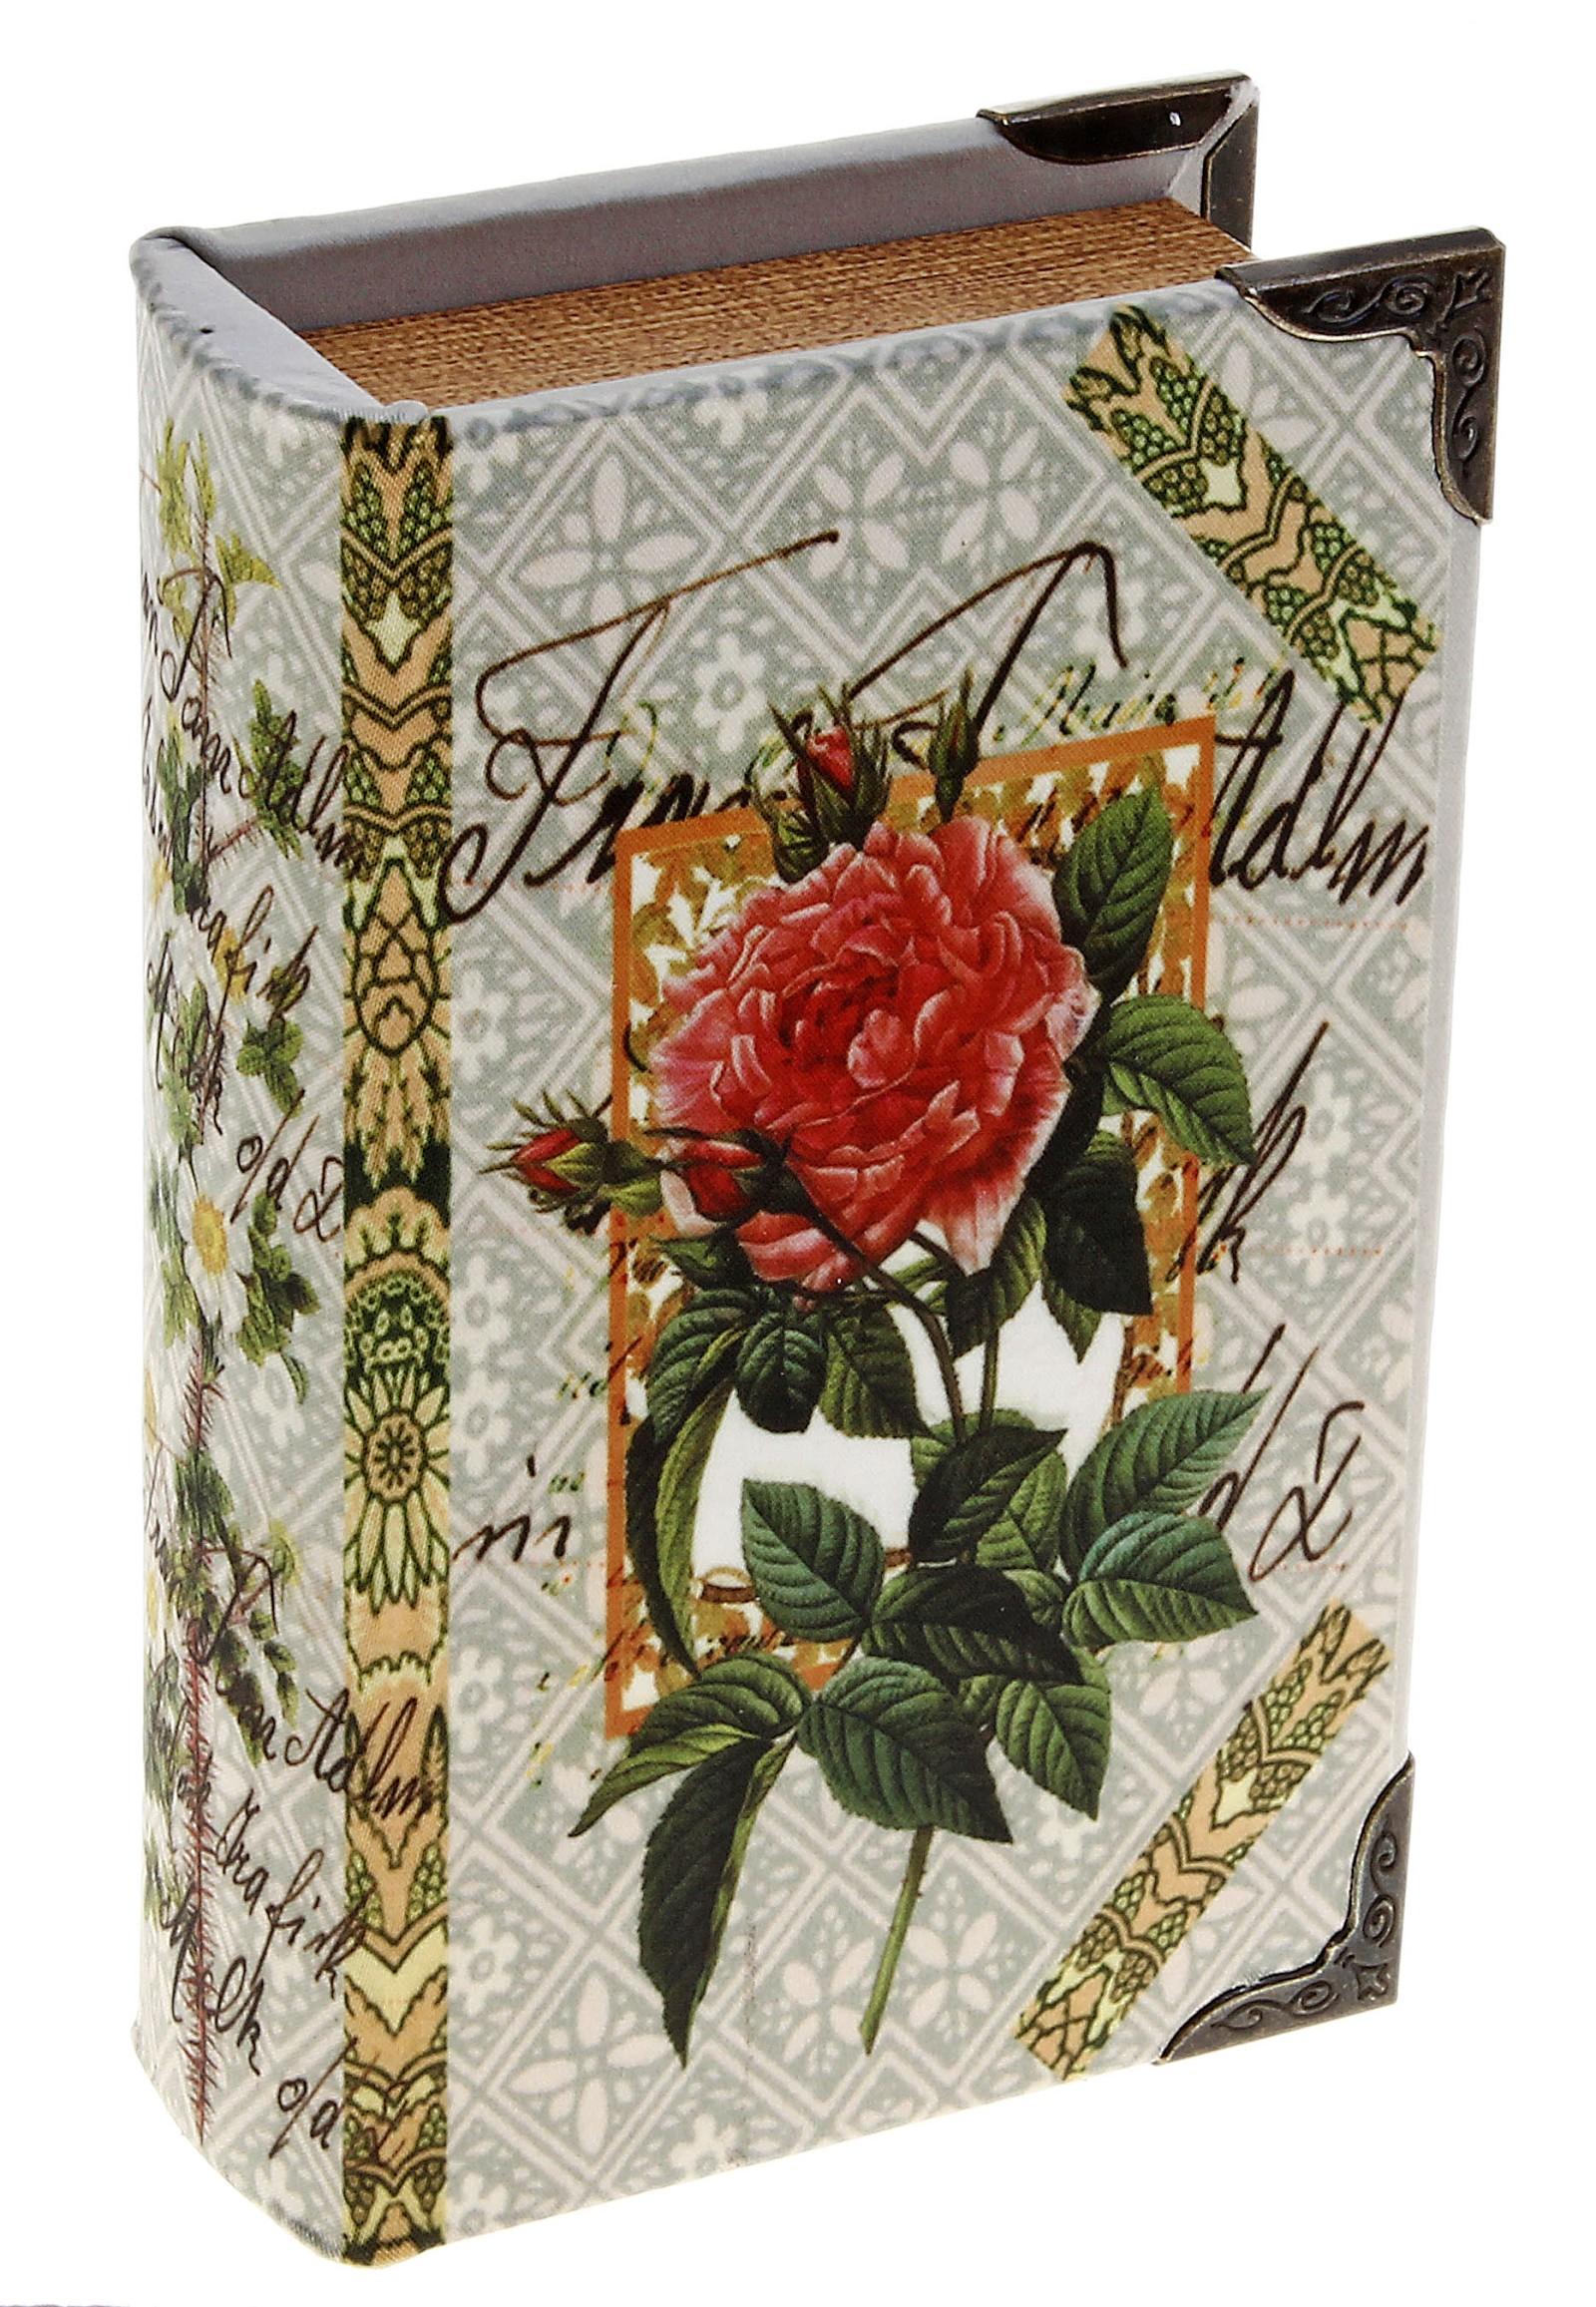 Шкатулка Садовая роза. 521796FS-80299Шкатулка Садовая роза, выполненная в виде книги, не оставит равнодушной ни одну любительницу изысканных вещей. Шкатулка изготовлена из дерева и обтянута шелком с изображением розы. Внутренняя поверхность шкатулки отделана искусственной кожей. Углы шкатулки декорированы металлическими уголками.Сочетание оригинального дизайна и функциональности сделает такую шкатулку практичным и стильным подарком, а также предметом гордости ее обладательницы. Характеристики:Материал:дерево, кожзаменитель, шелк, металл. Размер шкатулки:11 см х 17 см х 5 см. Внутренный размер шкатулки: 7,5 см х 13,5 см х 4 см. Размер упаковки:12 см х 18 см х 6 см. Артикул:521796.